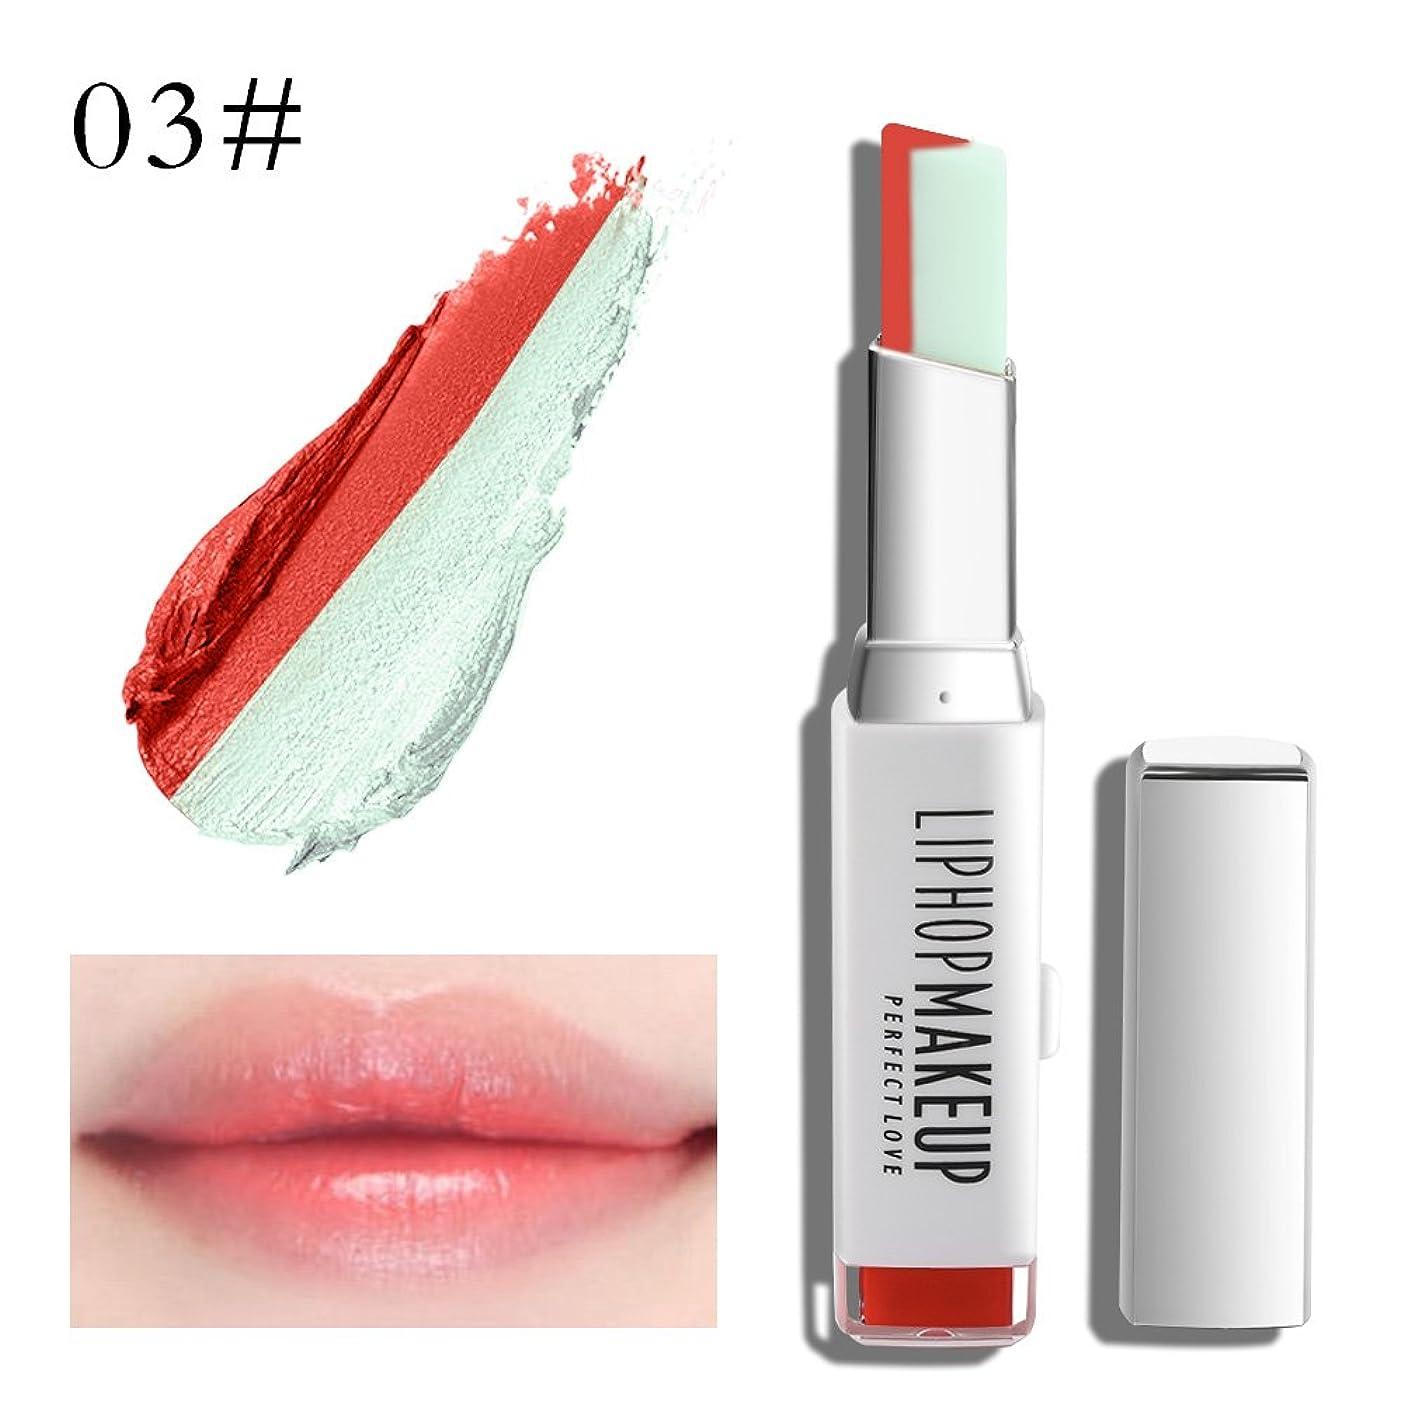 先のことを考えるエレクトロニックなくなる1 PC Popular Waterproof Women Multicolor New Two Tone Lipstick #3